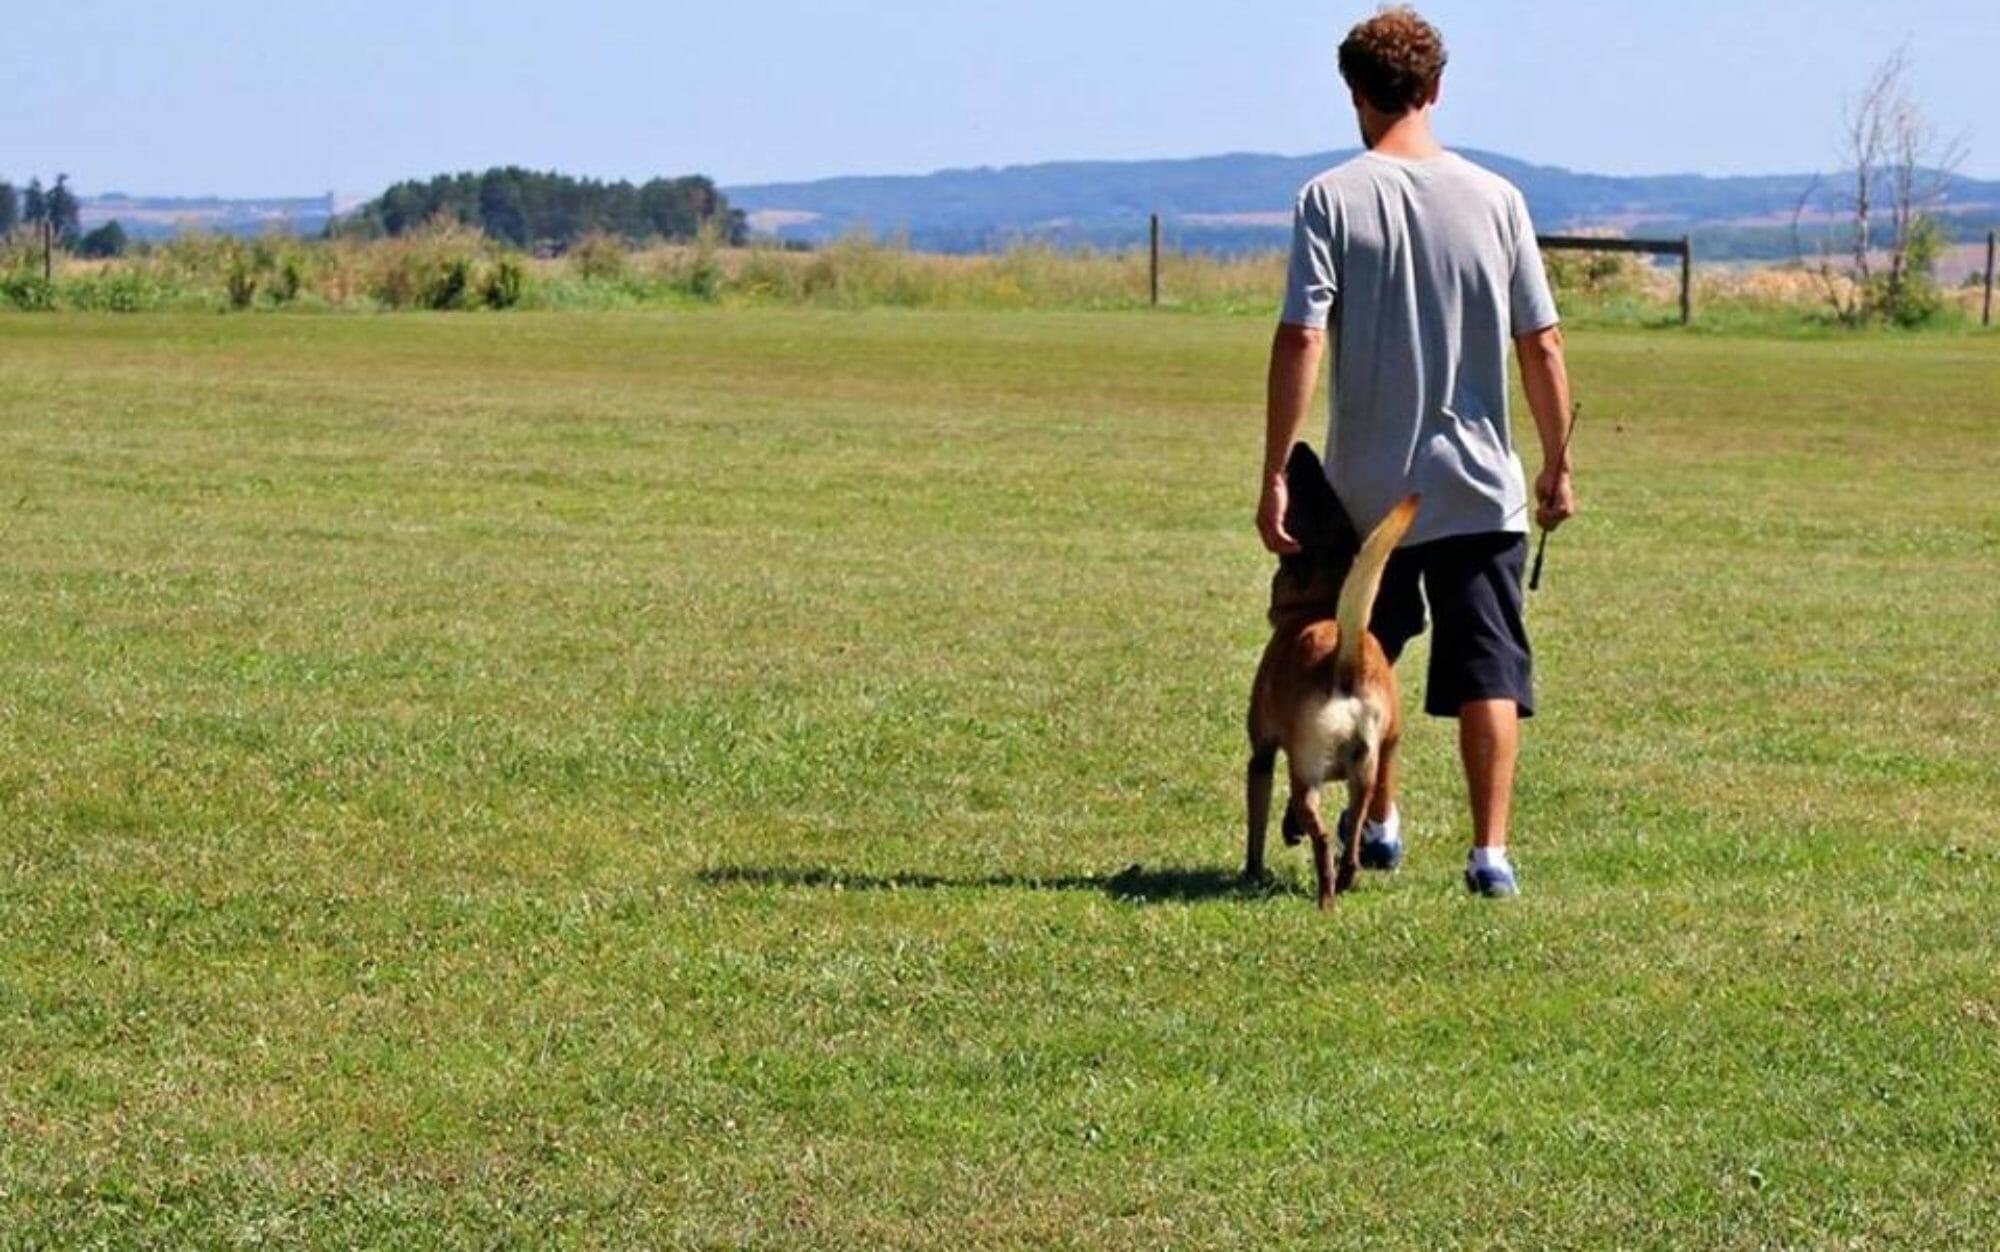 FIDOG.IT - Addestramento Cinofilo - Educazione ed addestramento del cane - Dog sitting